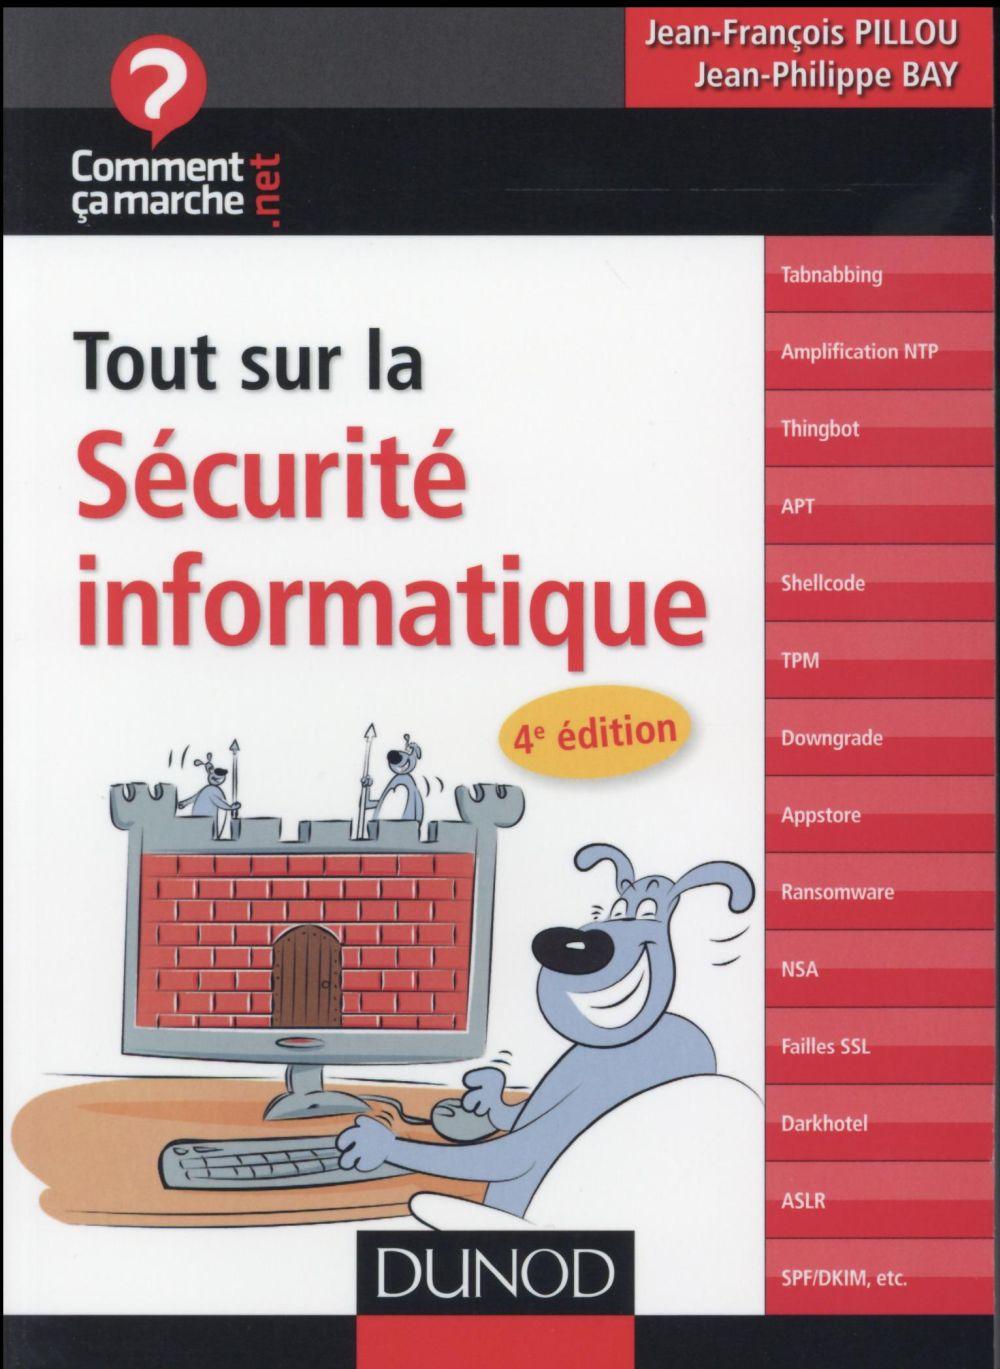 Tout sur la sécurité informatique (4e édition)